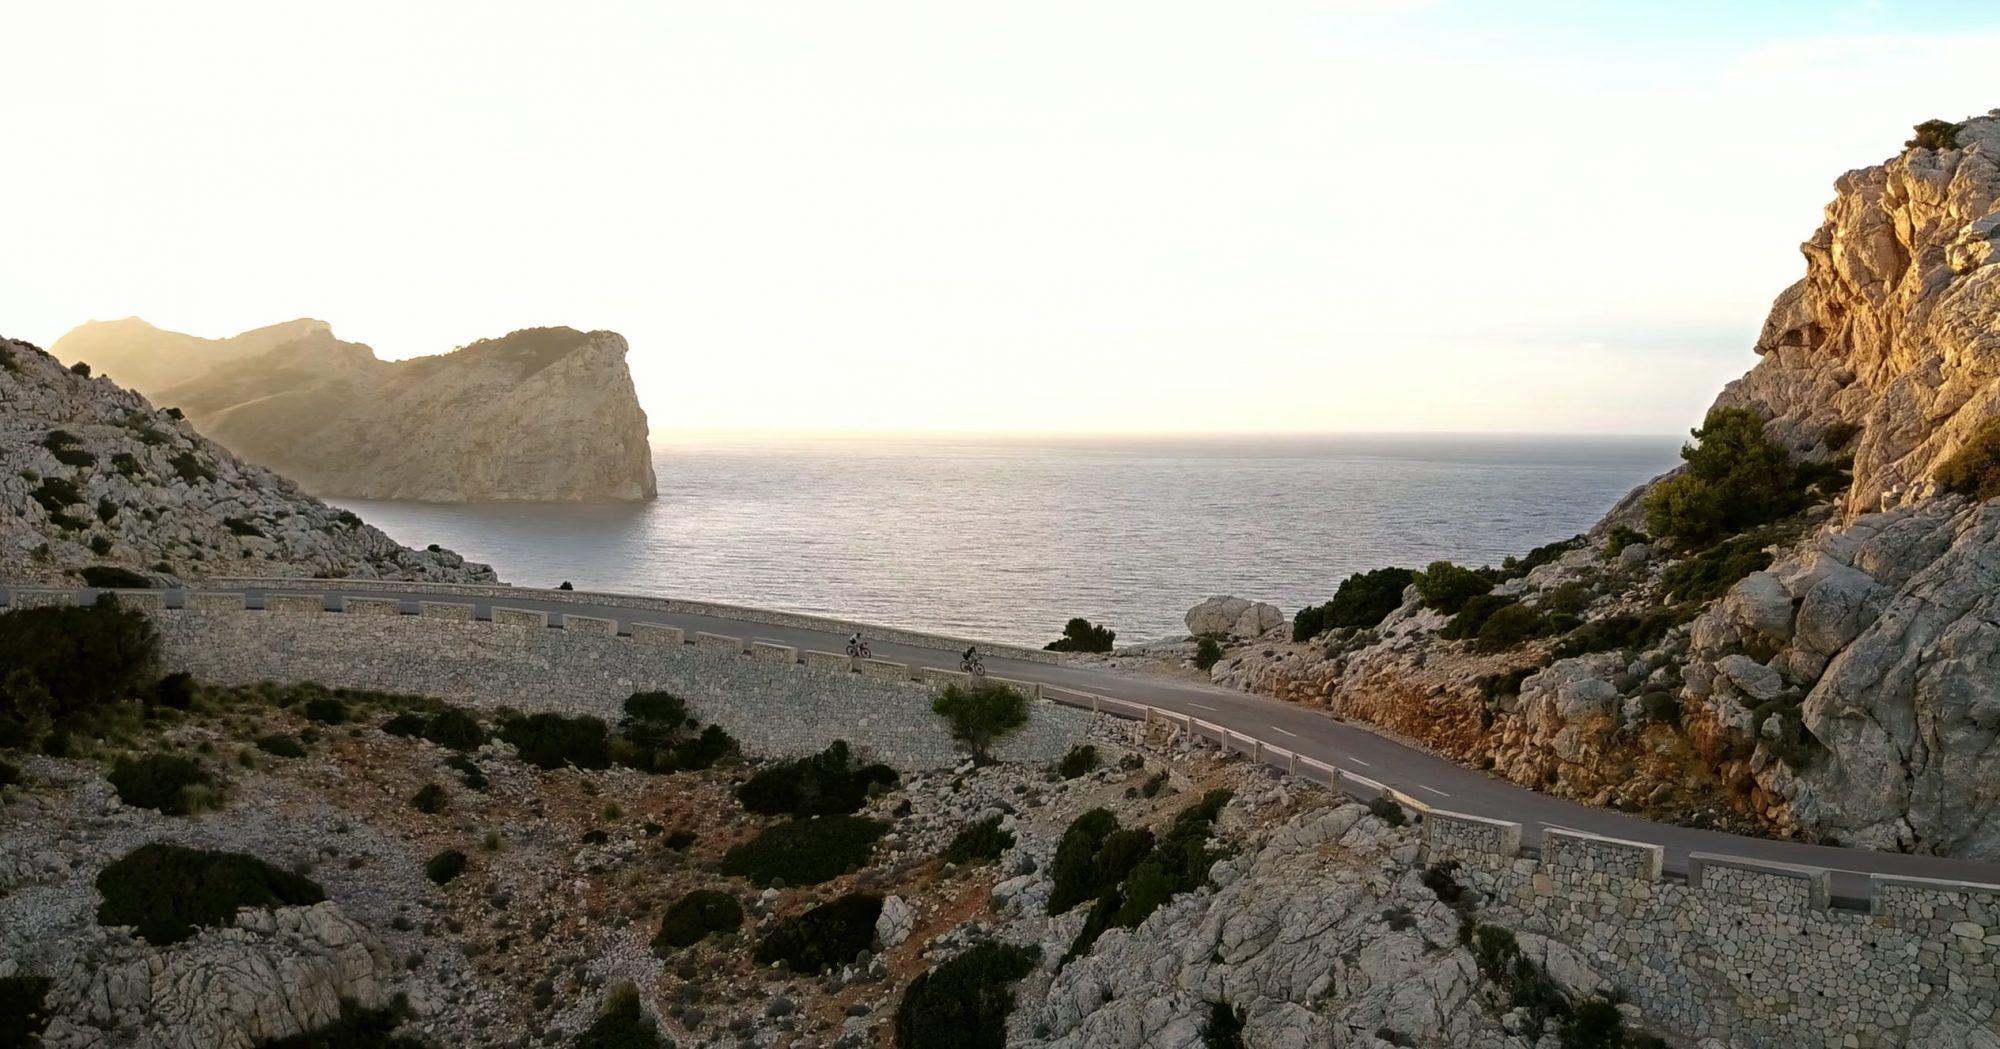 [Video] Le sfacettature di Mallorca